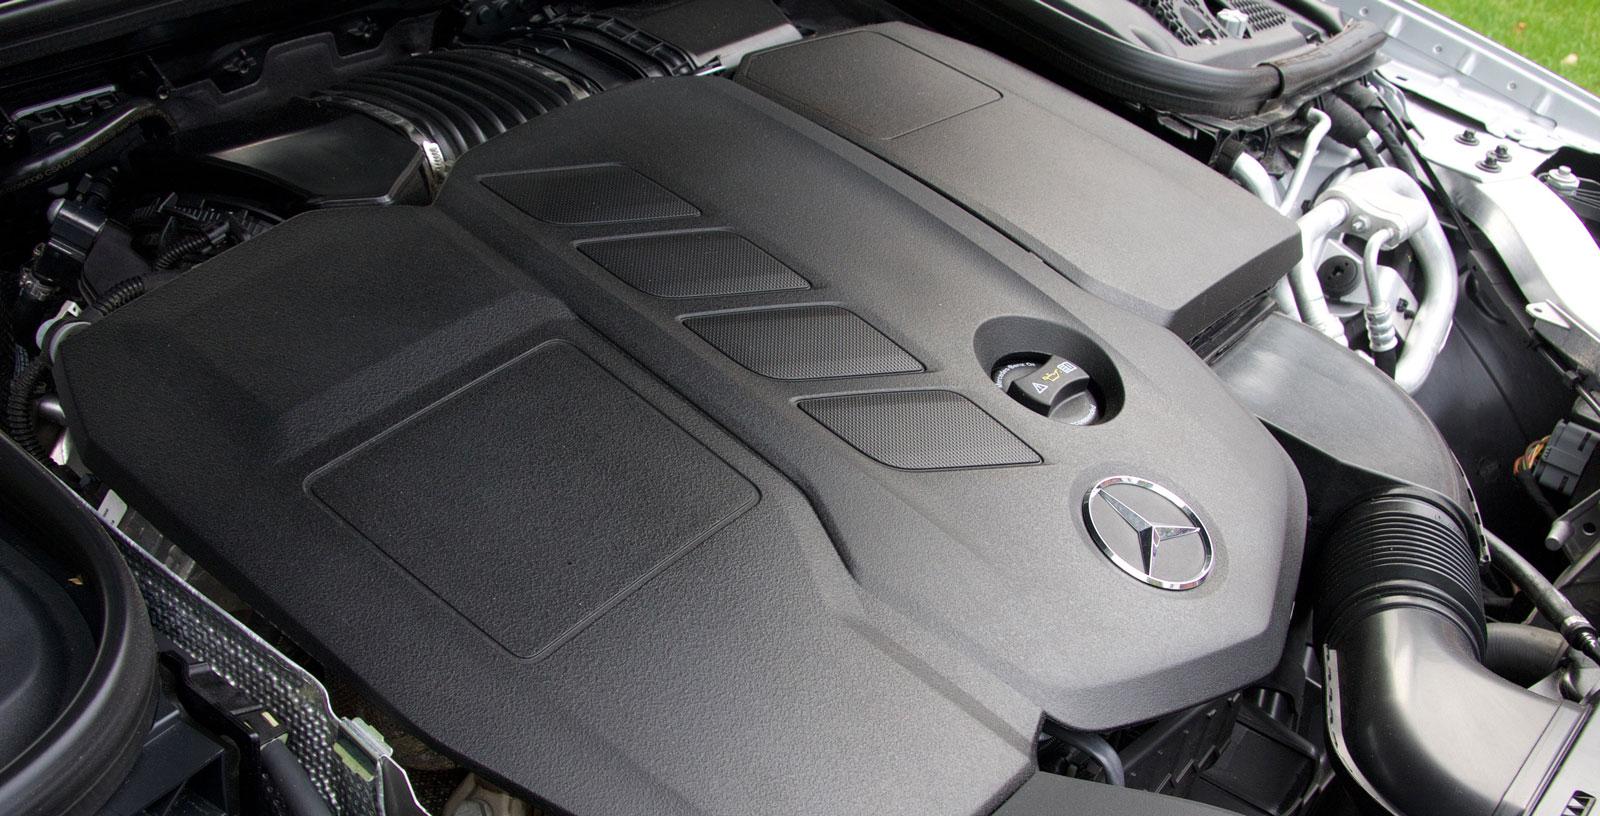 Mercedes har testets bästa motor, en rivig diesel som ger bilen bra fart men som ändå håller igen på förbrukningen.